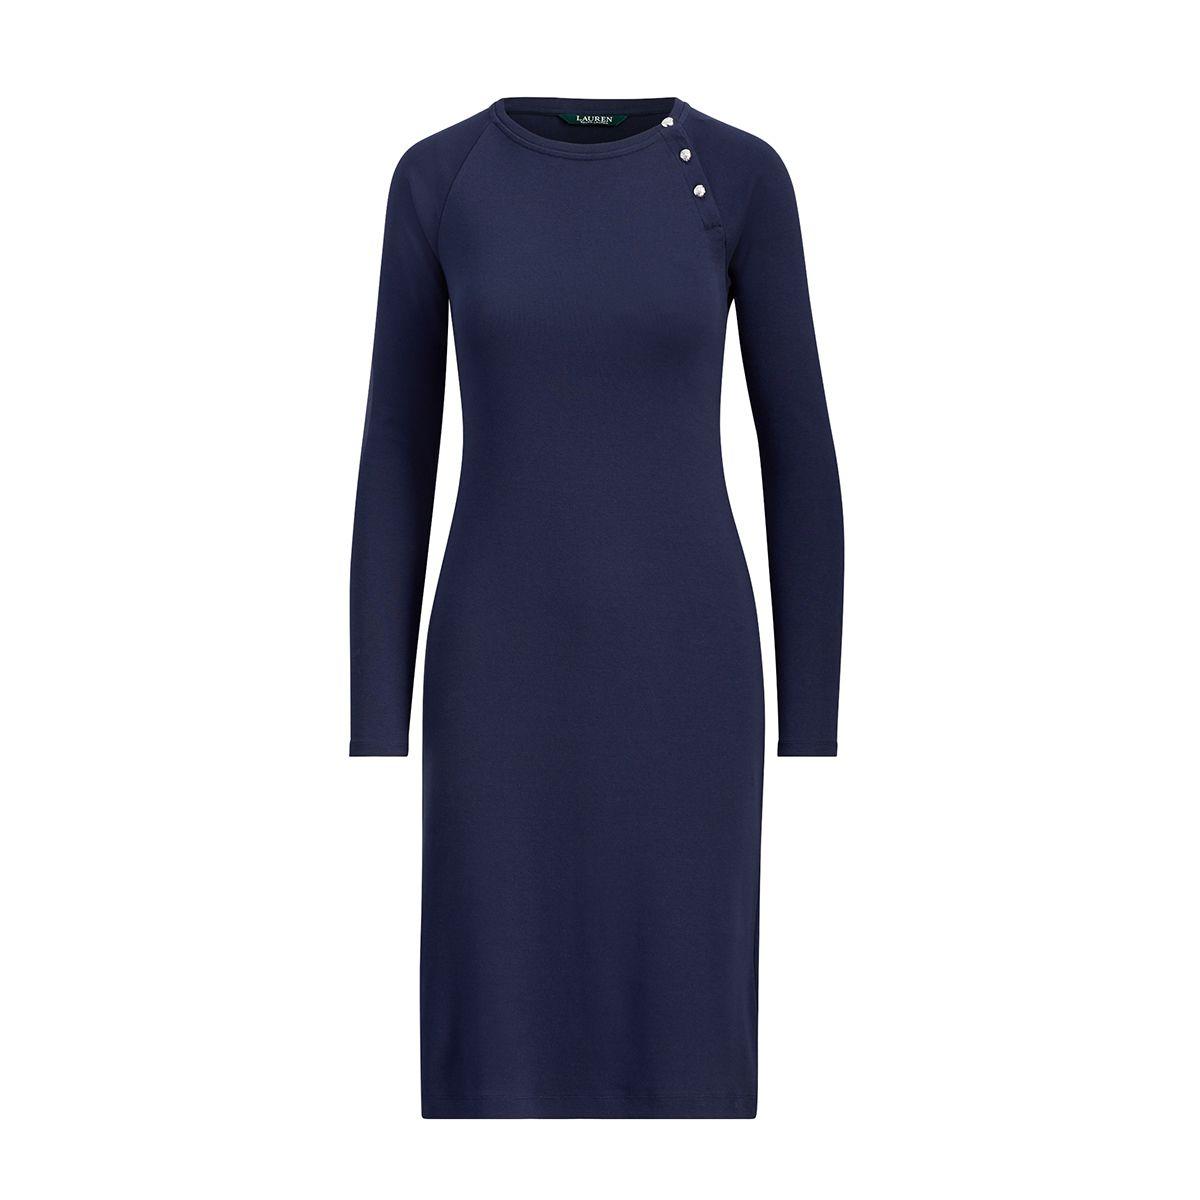 ab45e2d27a81 Ralph Lauren Dresses - Macy's